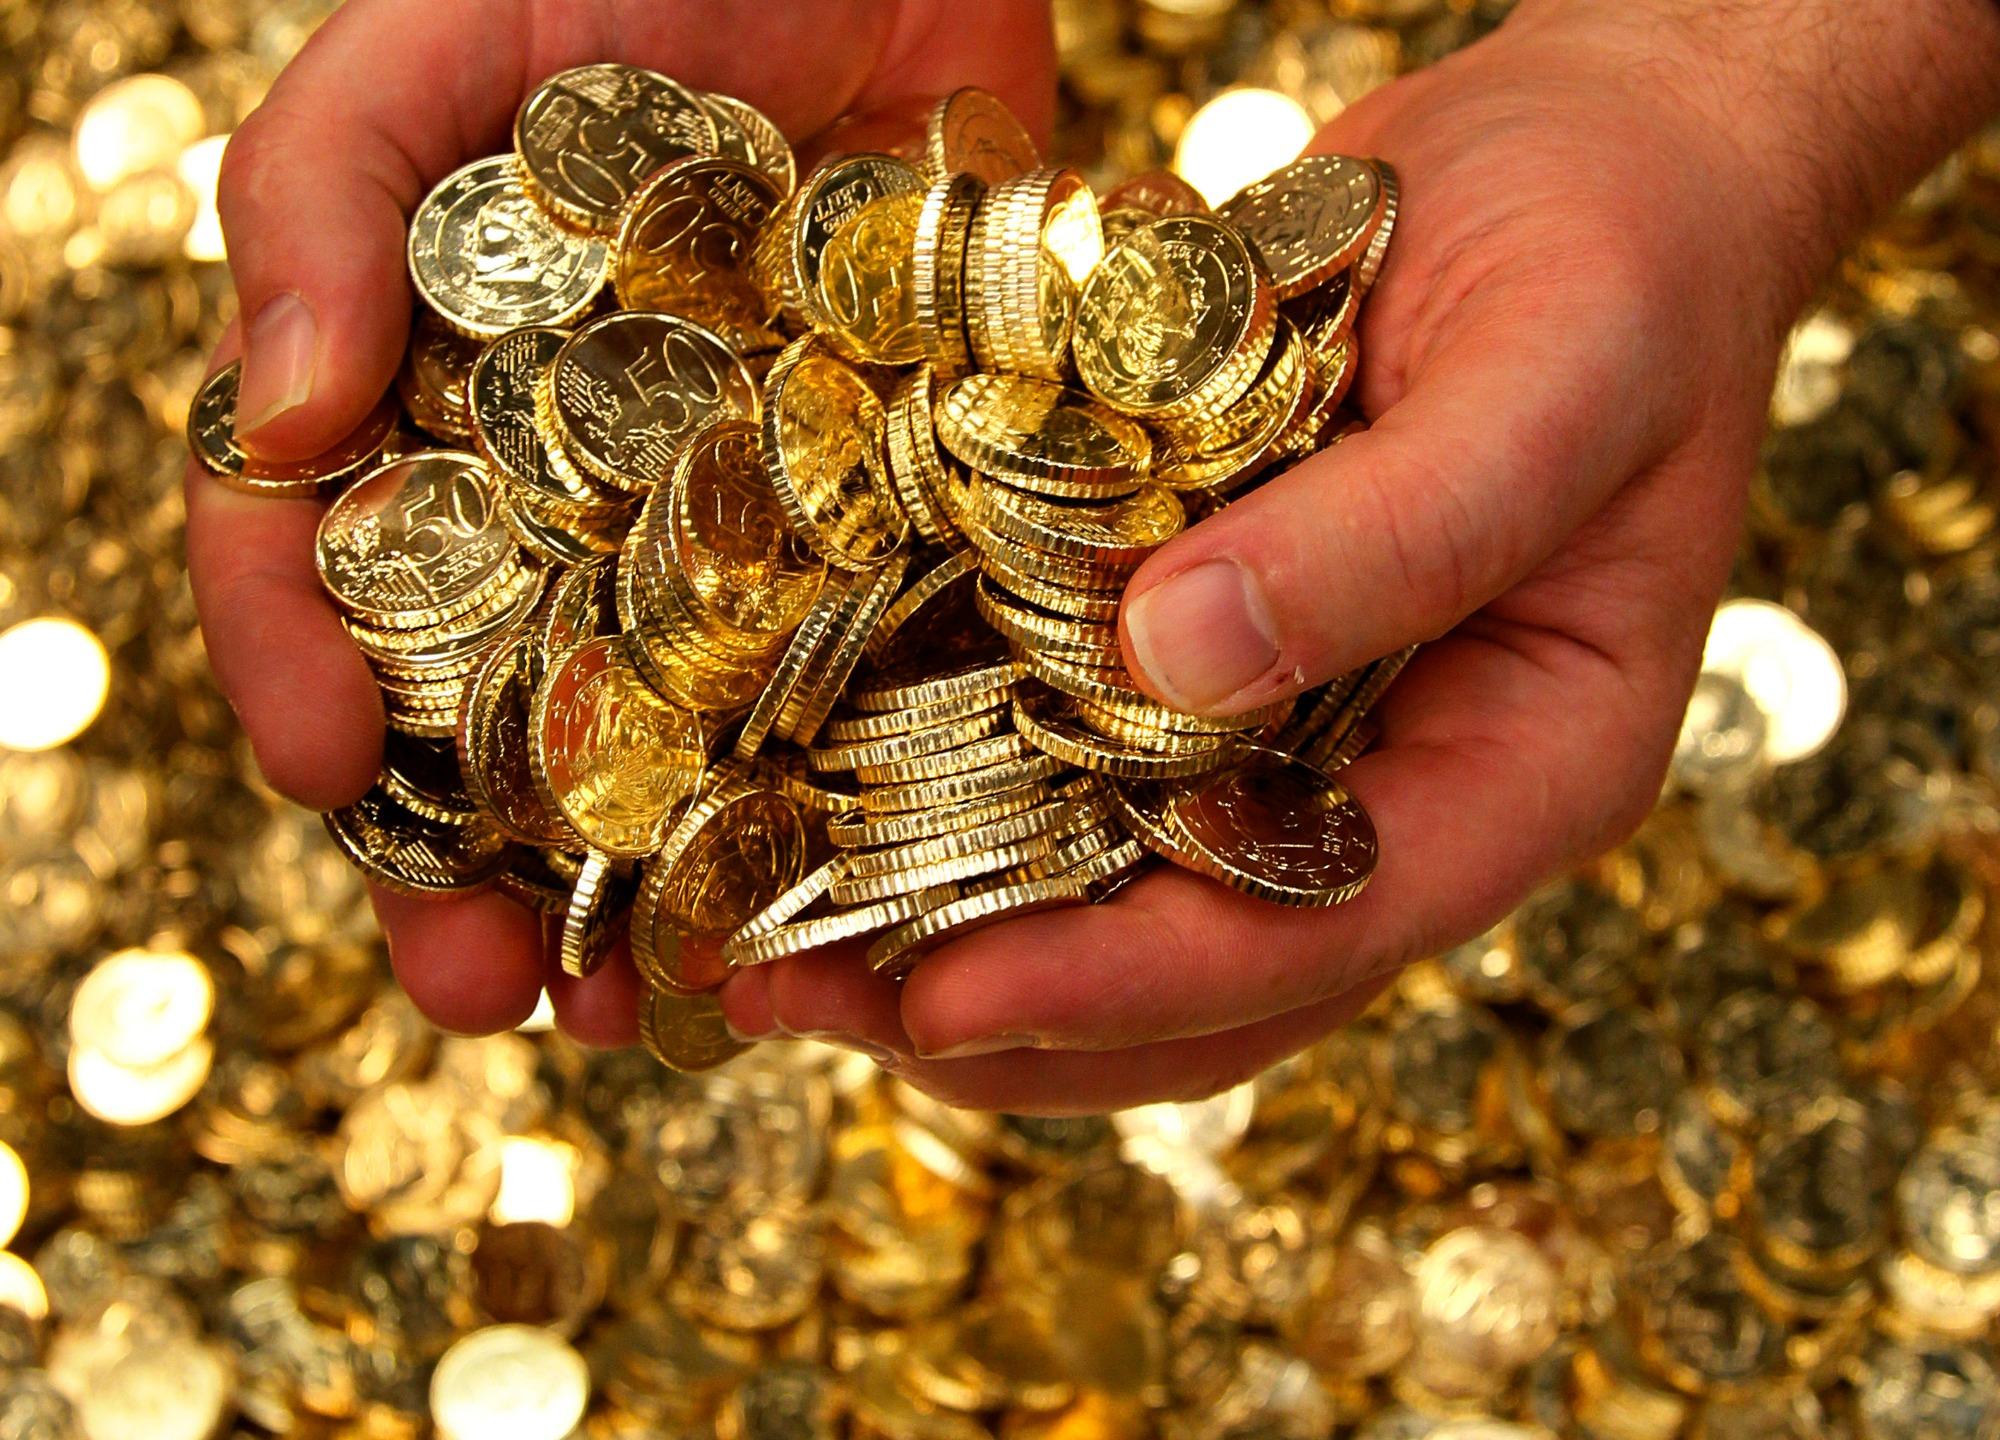 Самые действенные заговоры на монету: на богатство, торговлю, чтобы водились деньги